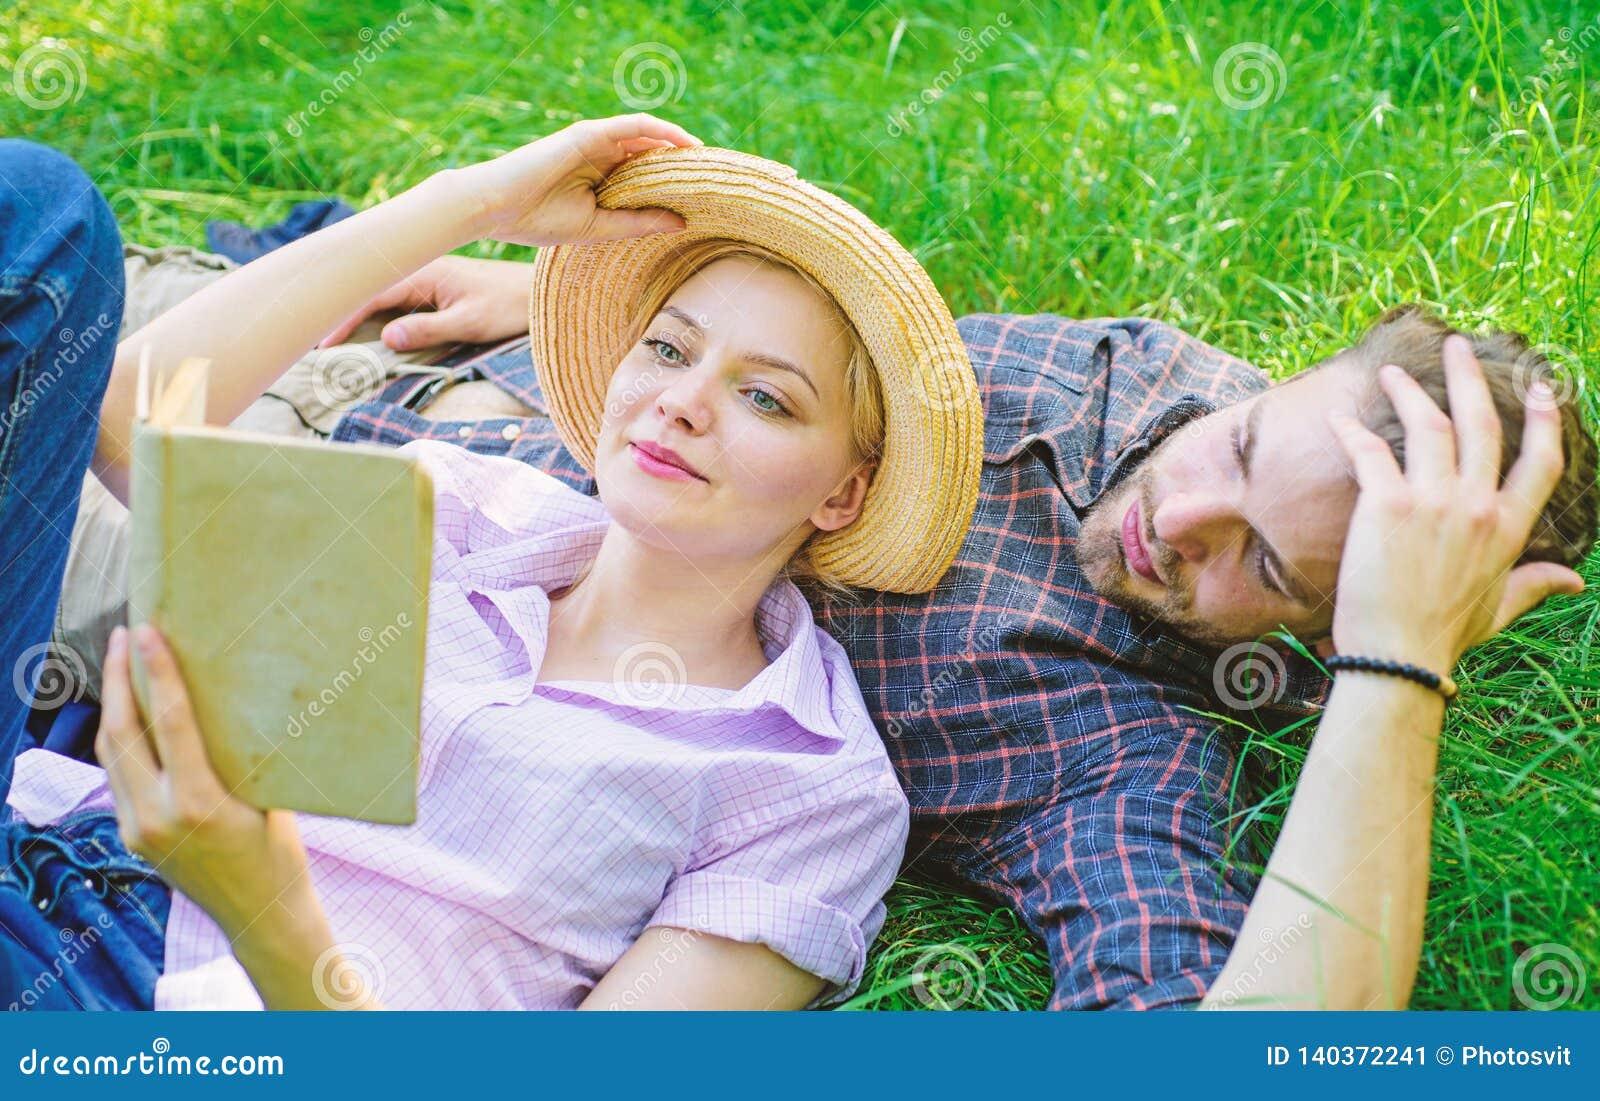 人和女孩在草阅读书放置 家庭享受休闲有诗歌或文学书草背景 夫妇